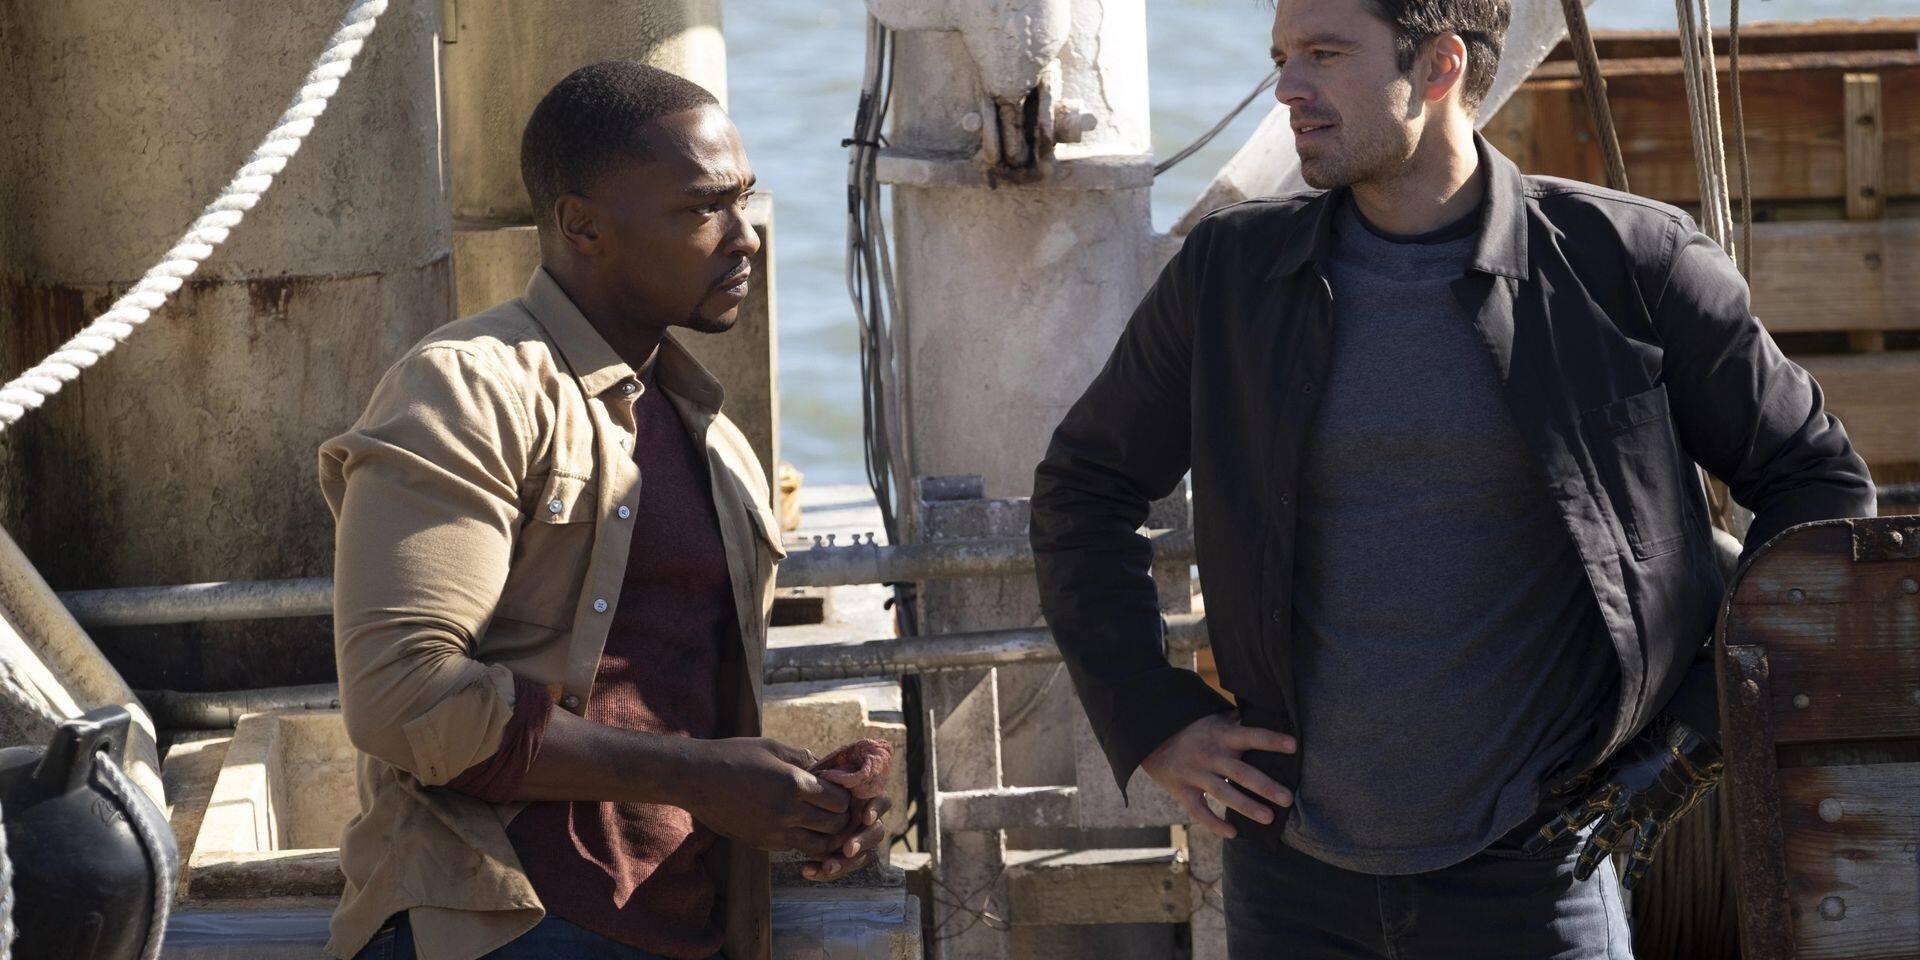 Falcon et le Soldat de l'Hiver combattent aussi le racisme : notre avis sur le deuxième épisode de la série événement sur Disney+